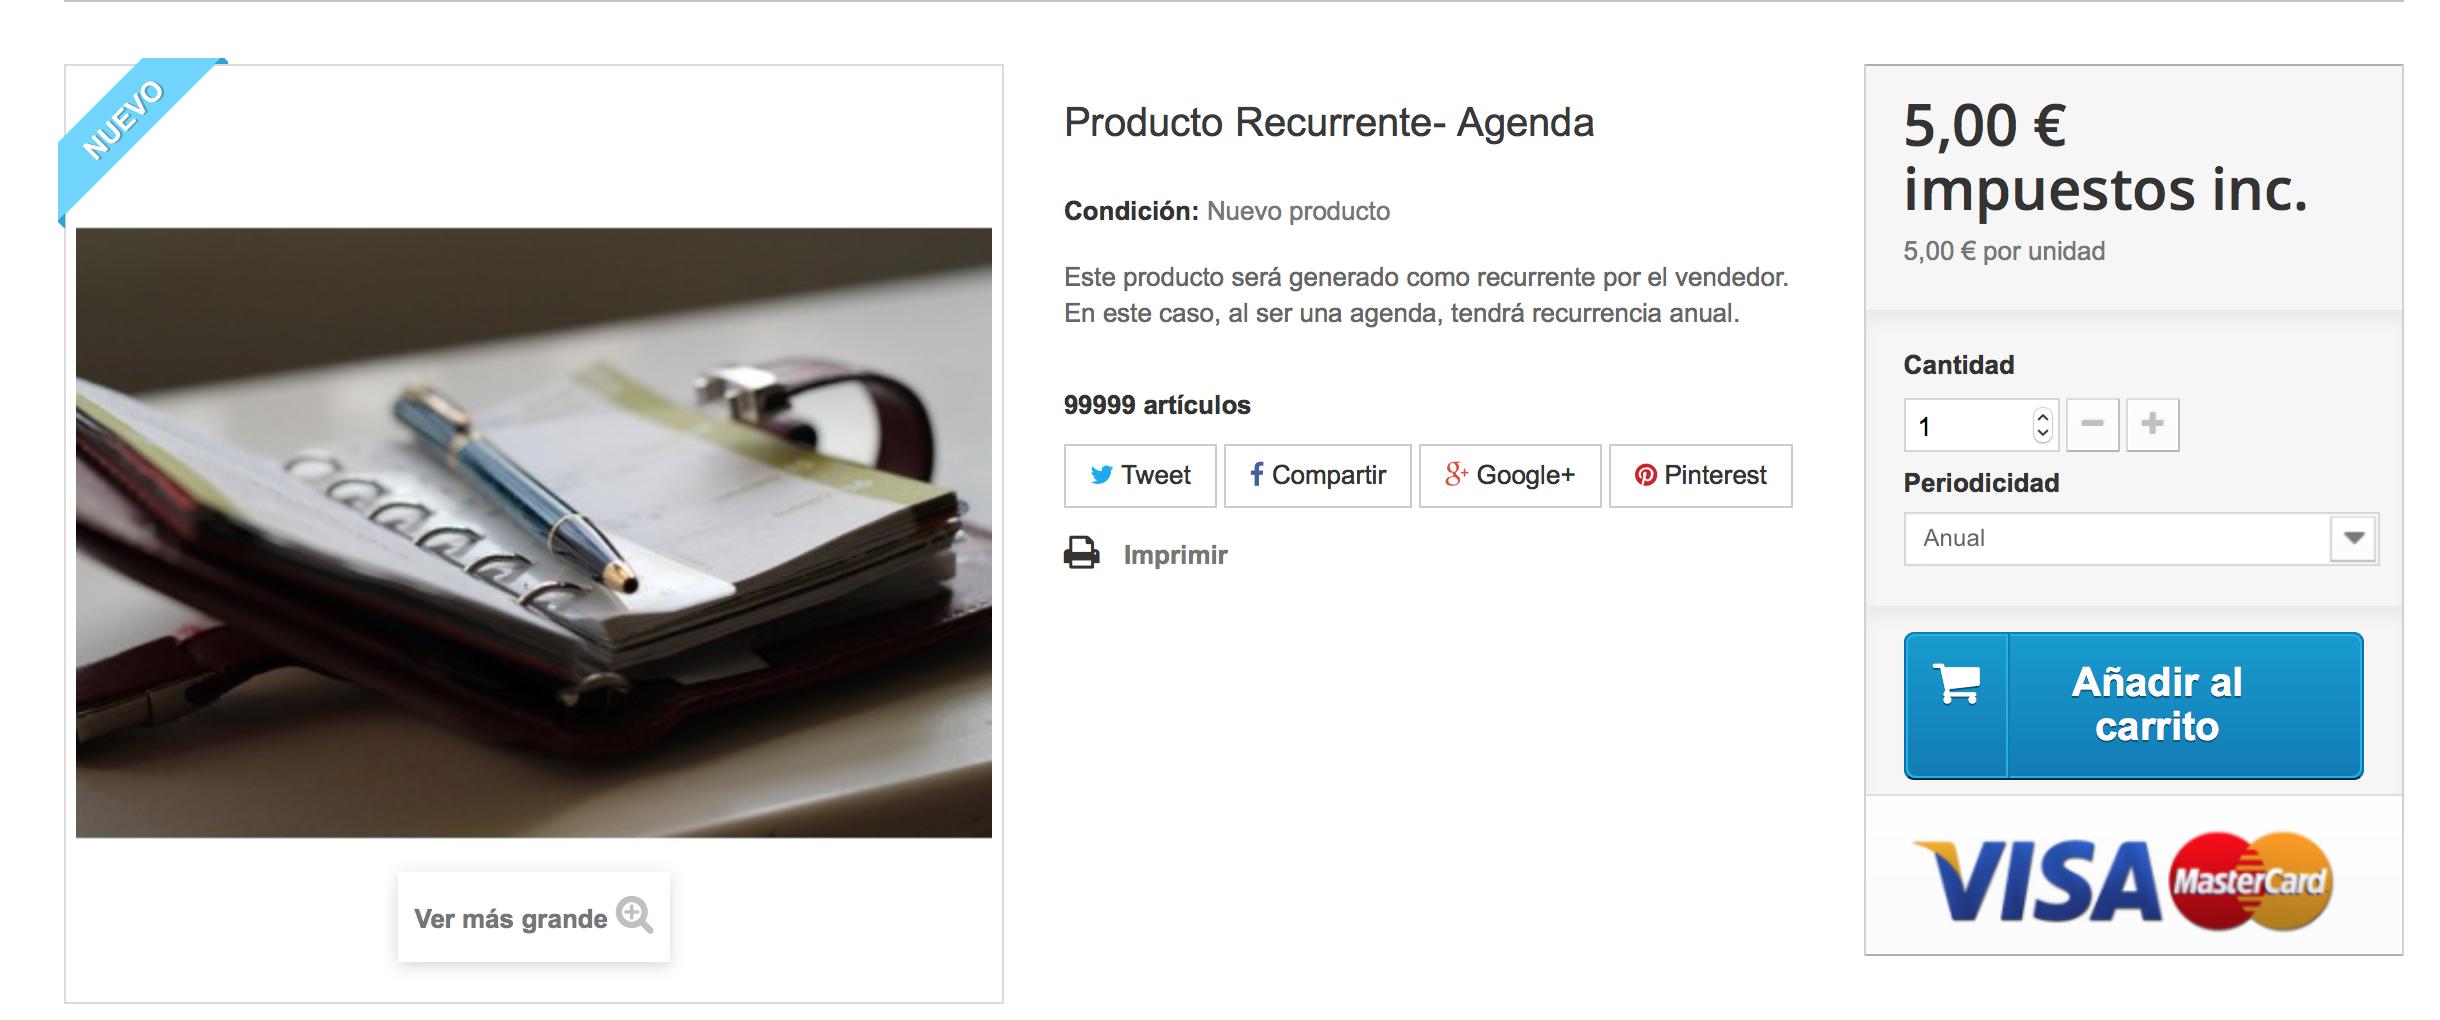 Producto creado como recurrente con atributos desde el admin